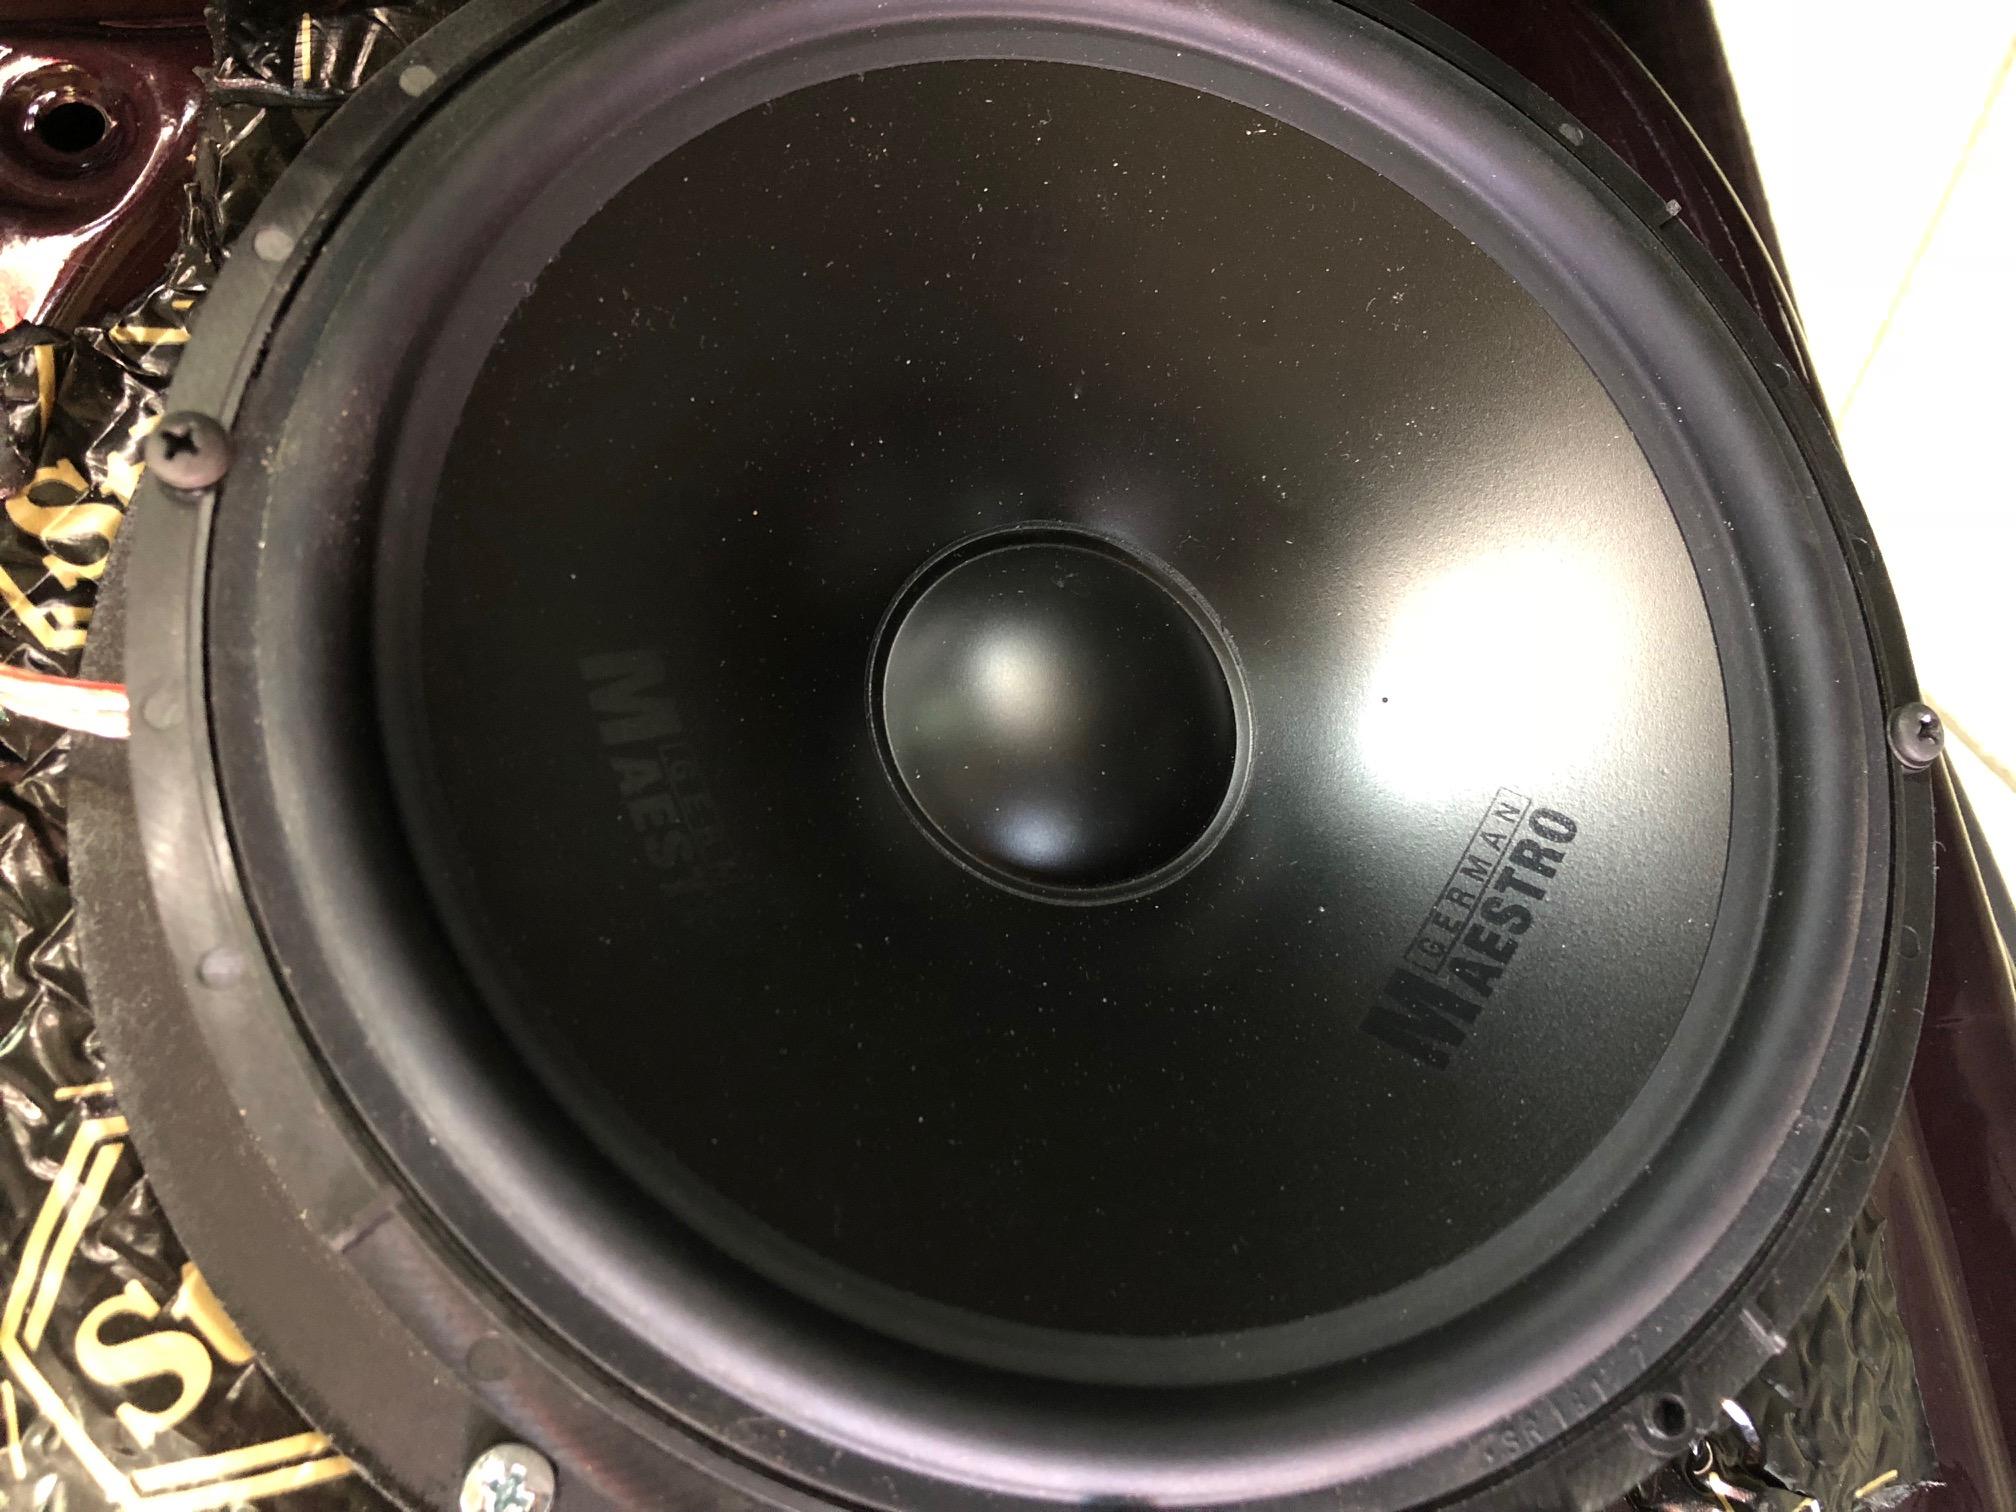 Soundsysteme 20